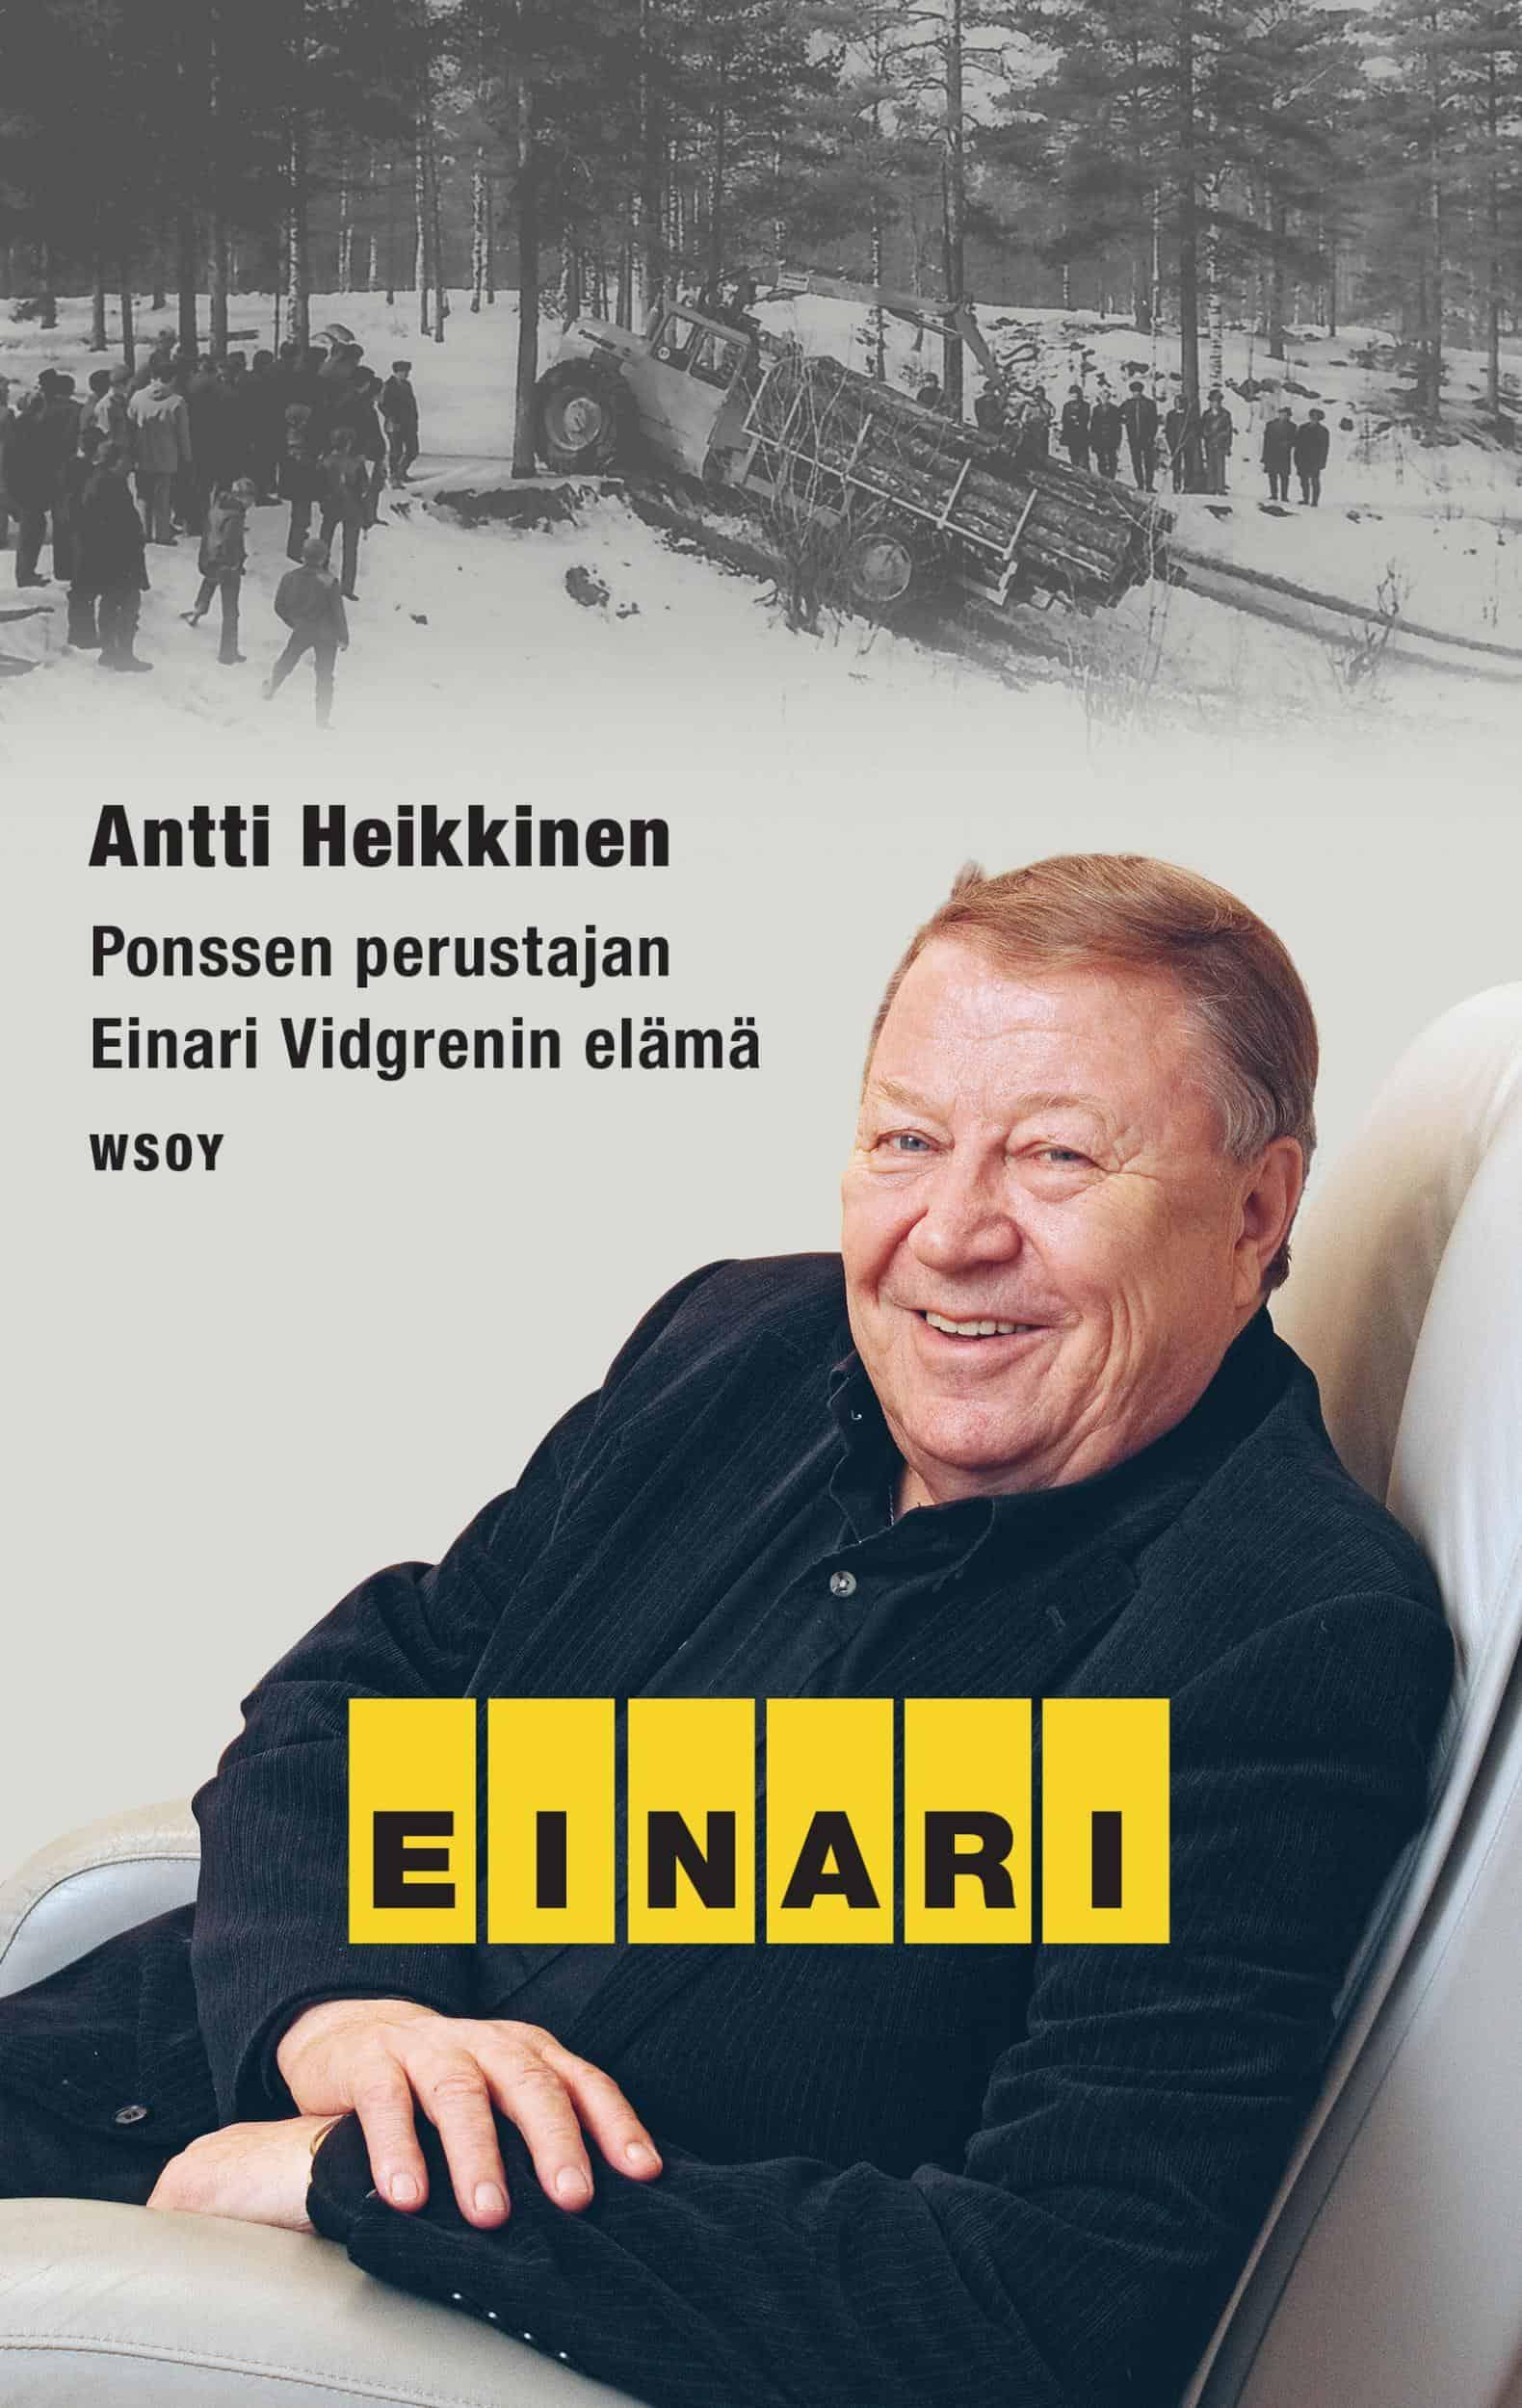 Einari: Ponssen perustajan Einari Vidgrenin elämä